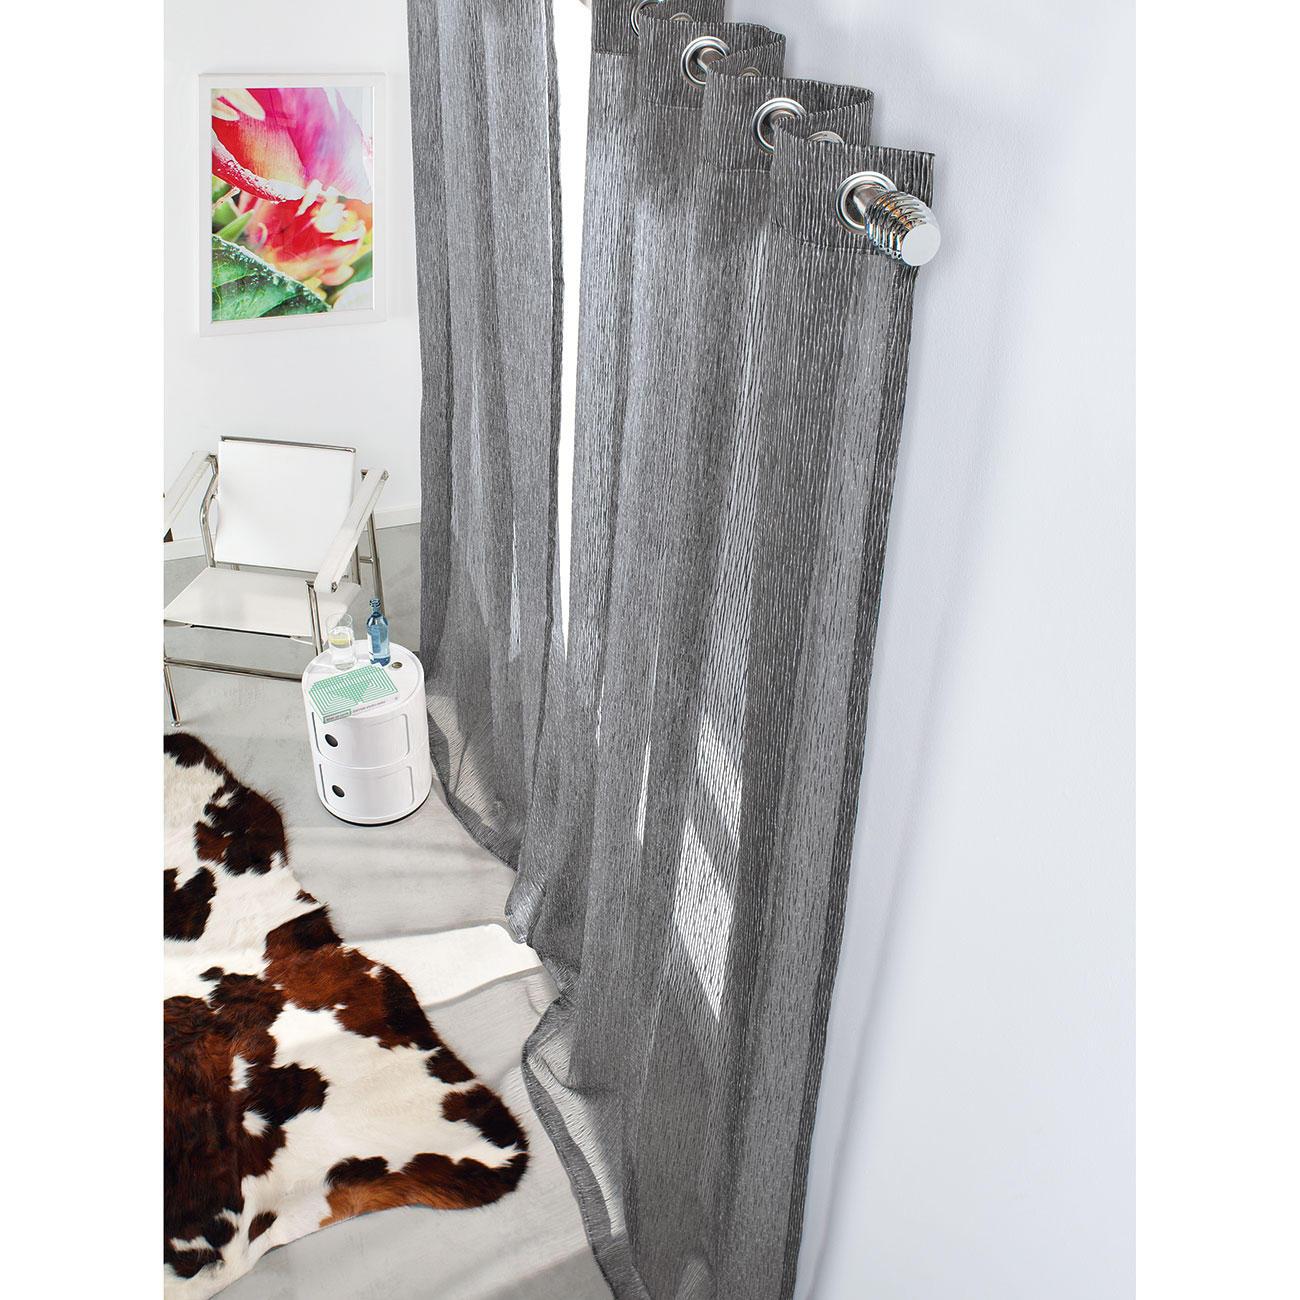 joop gardinen sale trendy joop gardinen sale with joop gardinen sale cool joop gardinen. Black Bedroom Furniture Sets. Home Design Ideas